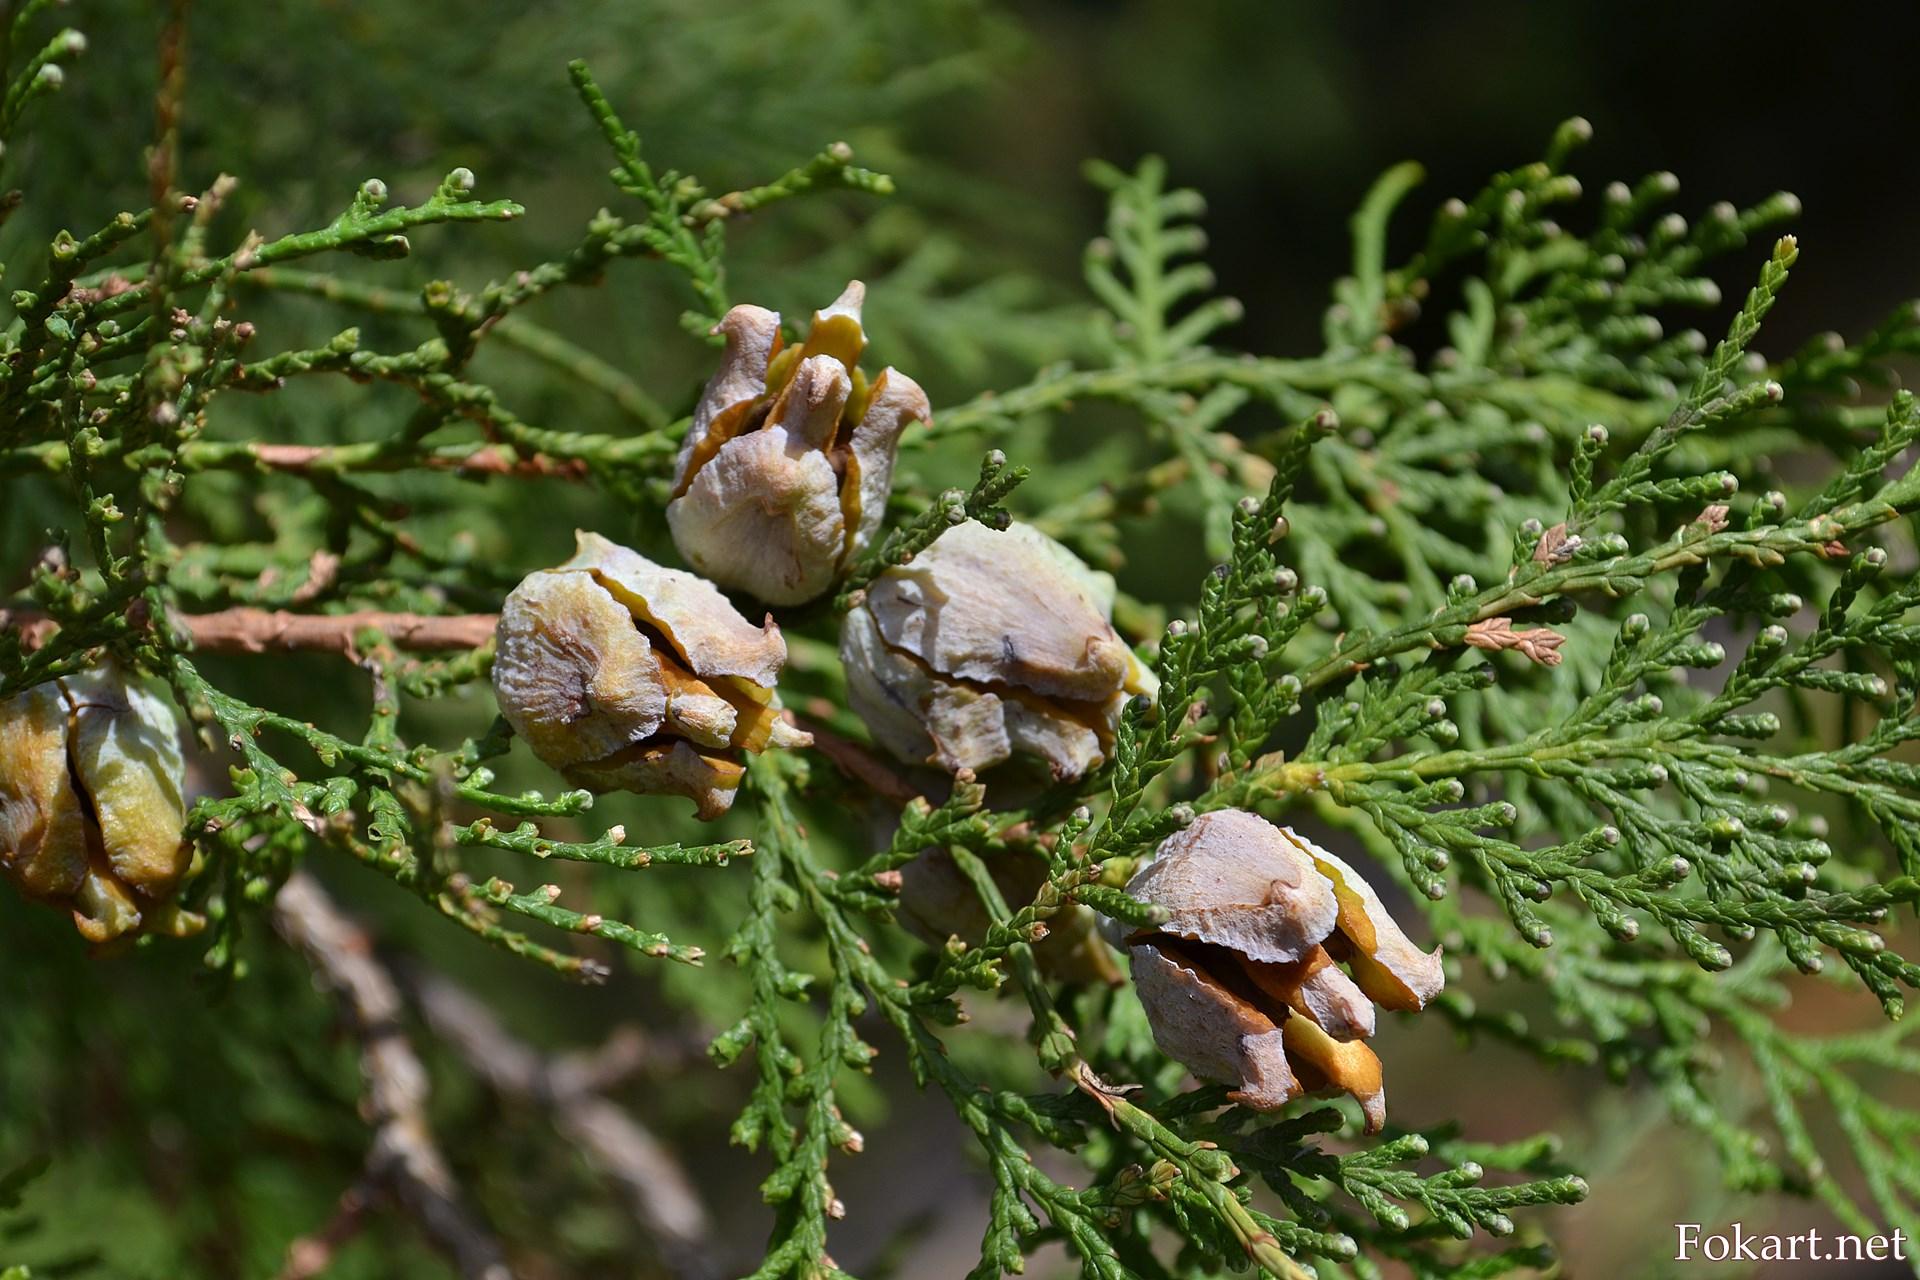 Веточка с осенними шишками. Туя восточная, Биота, Платикладус (Platycladus), Плосковеточник.